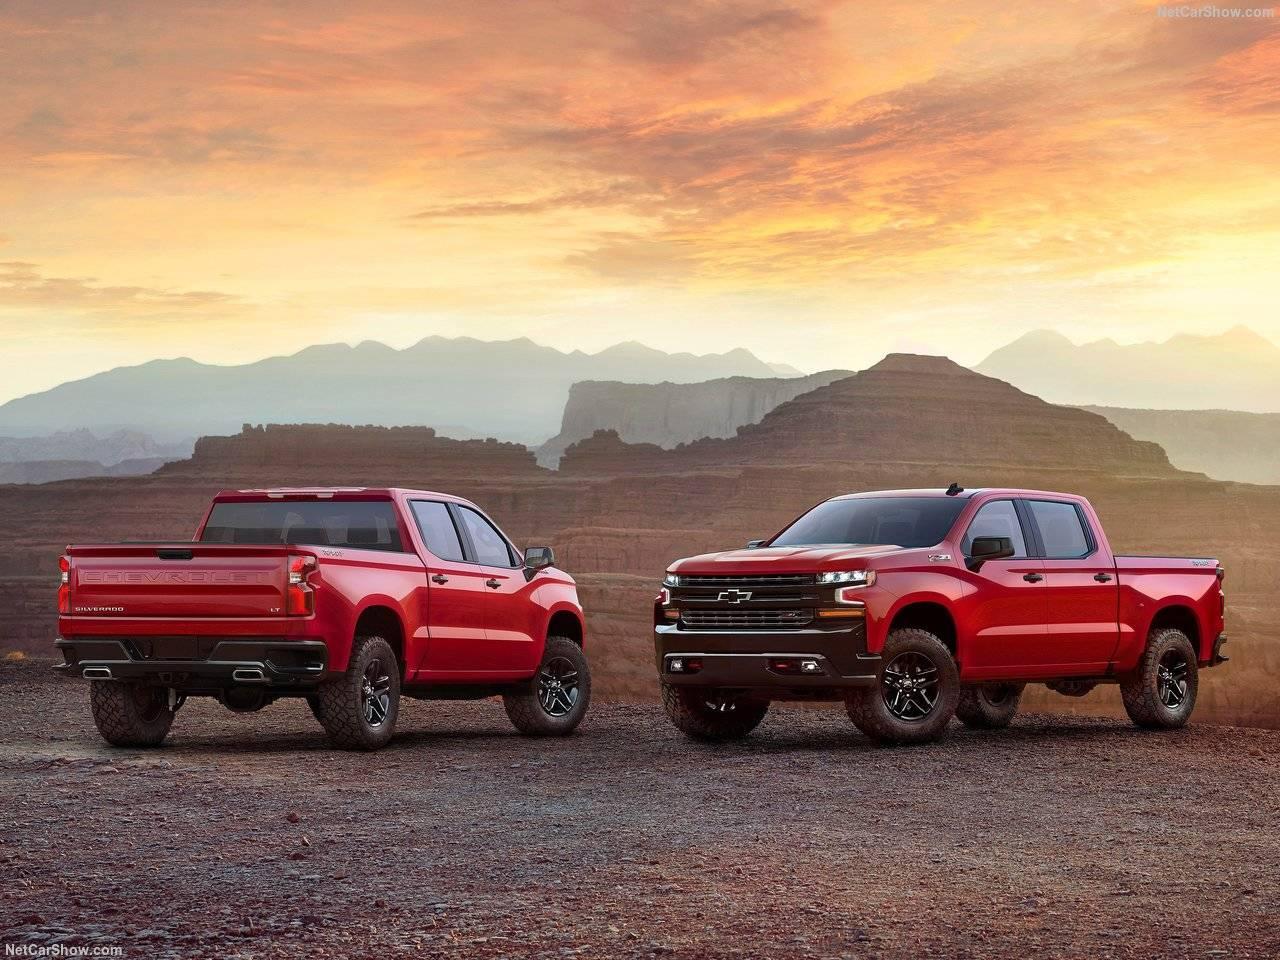 アメリカでは、大型ピックアップトラックが続々登場!Chevrolet SilveradoとFord Ranger がデトロイトモーターショーでお披露目!